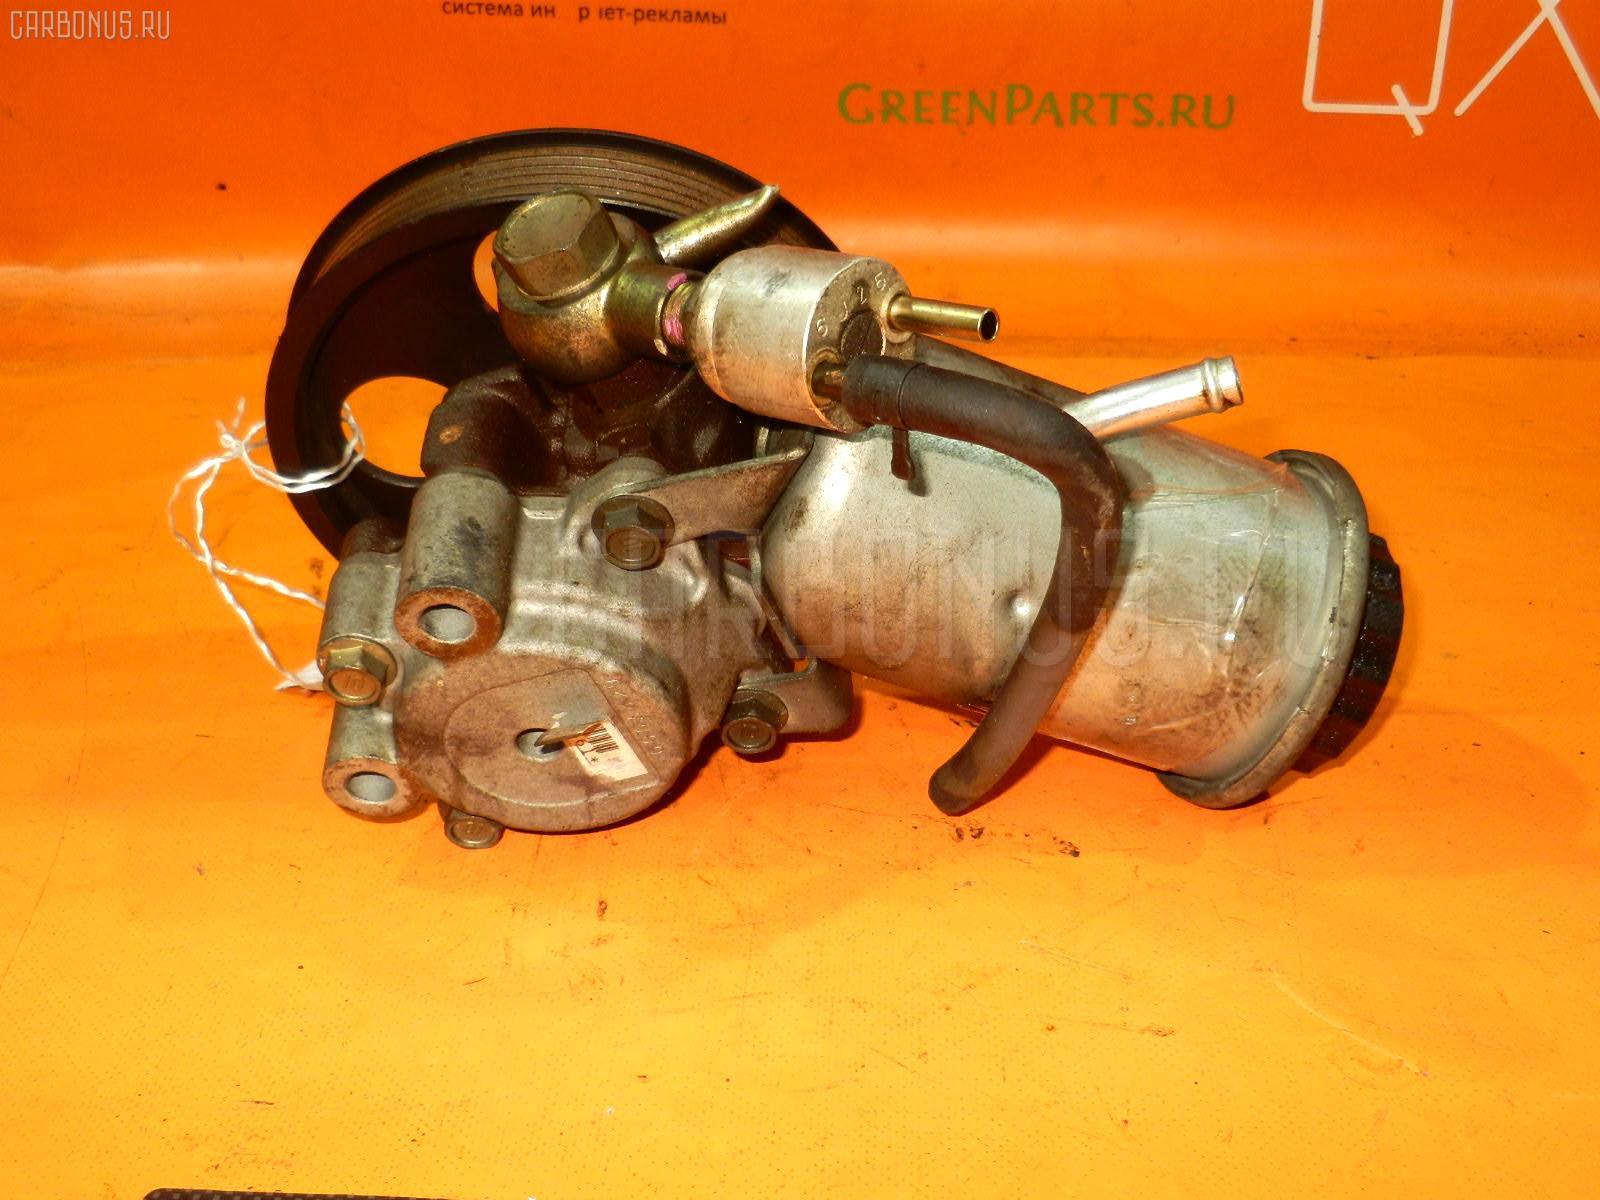 Гидроусилителя насос TOYOTA MARK II JZX105 1JZ-GE Фото 1